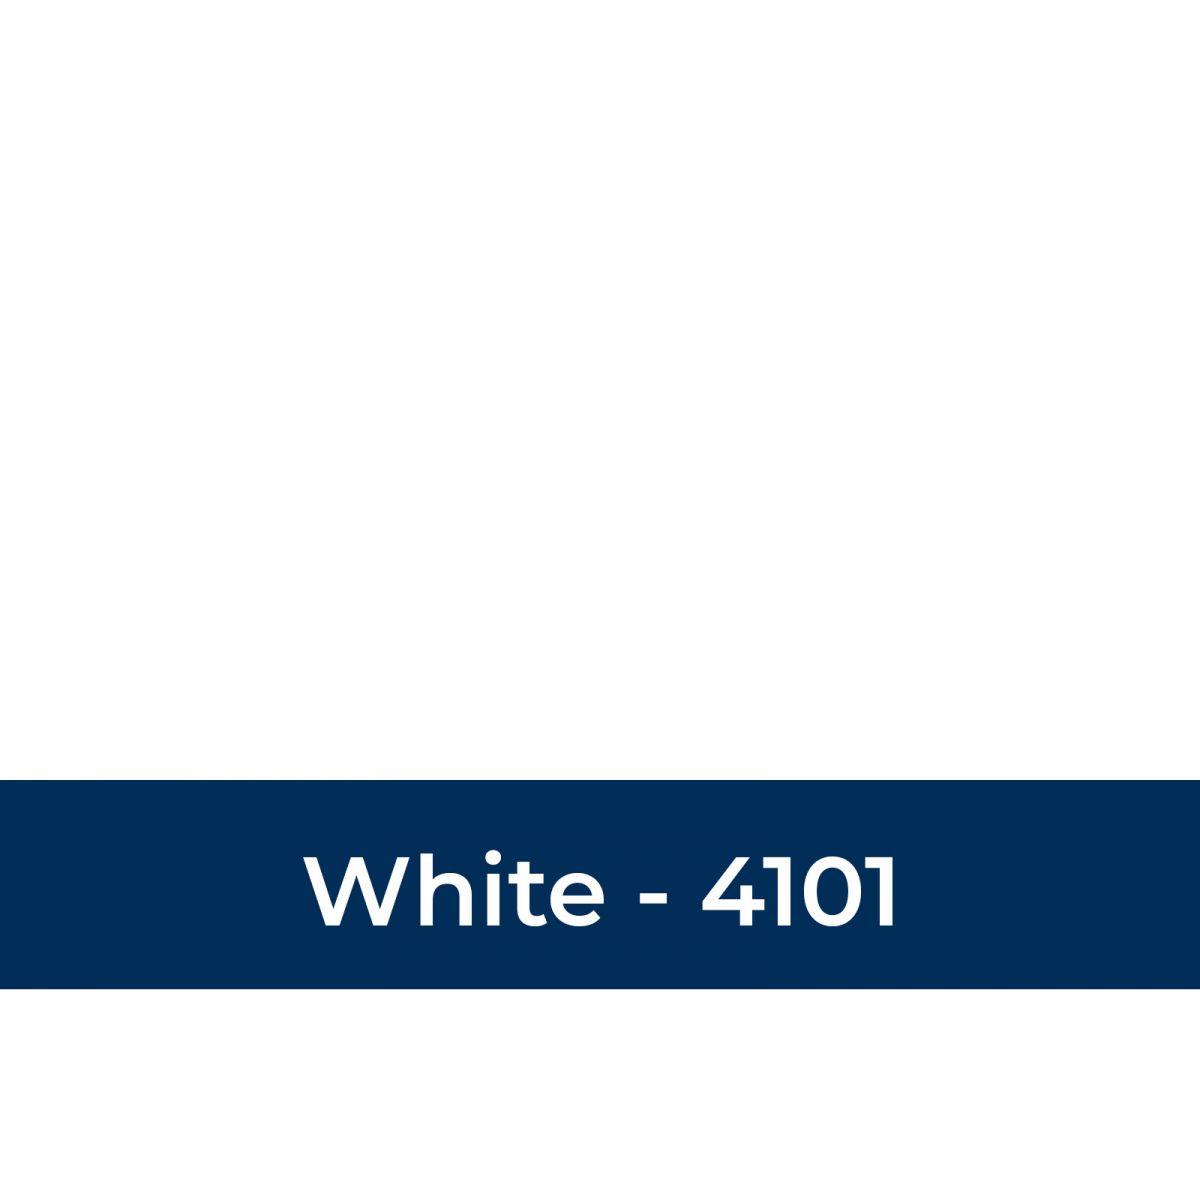 Sunmark White 4101